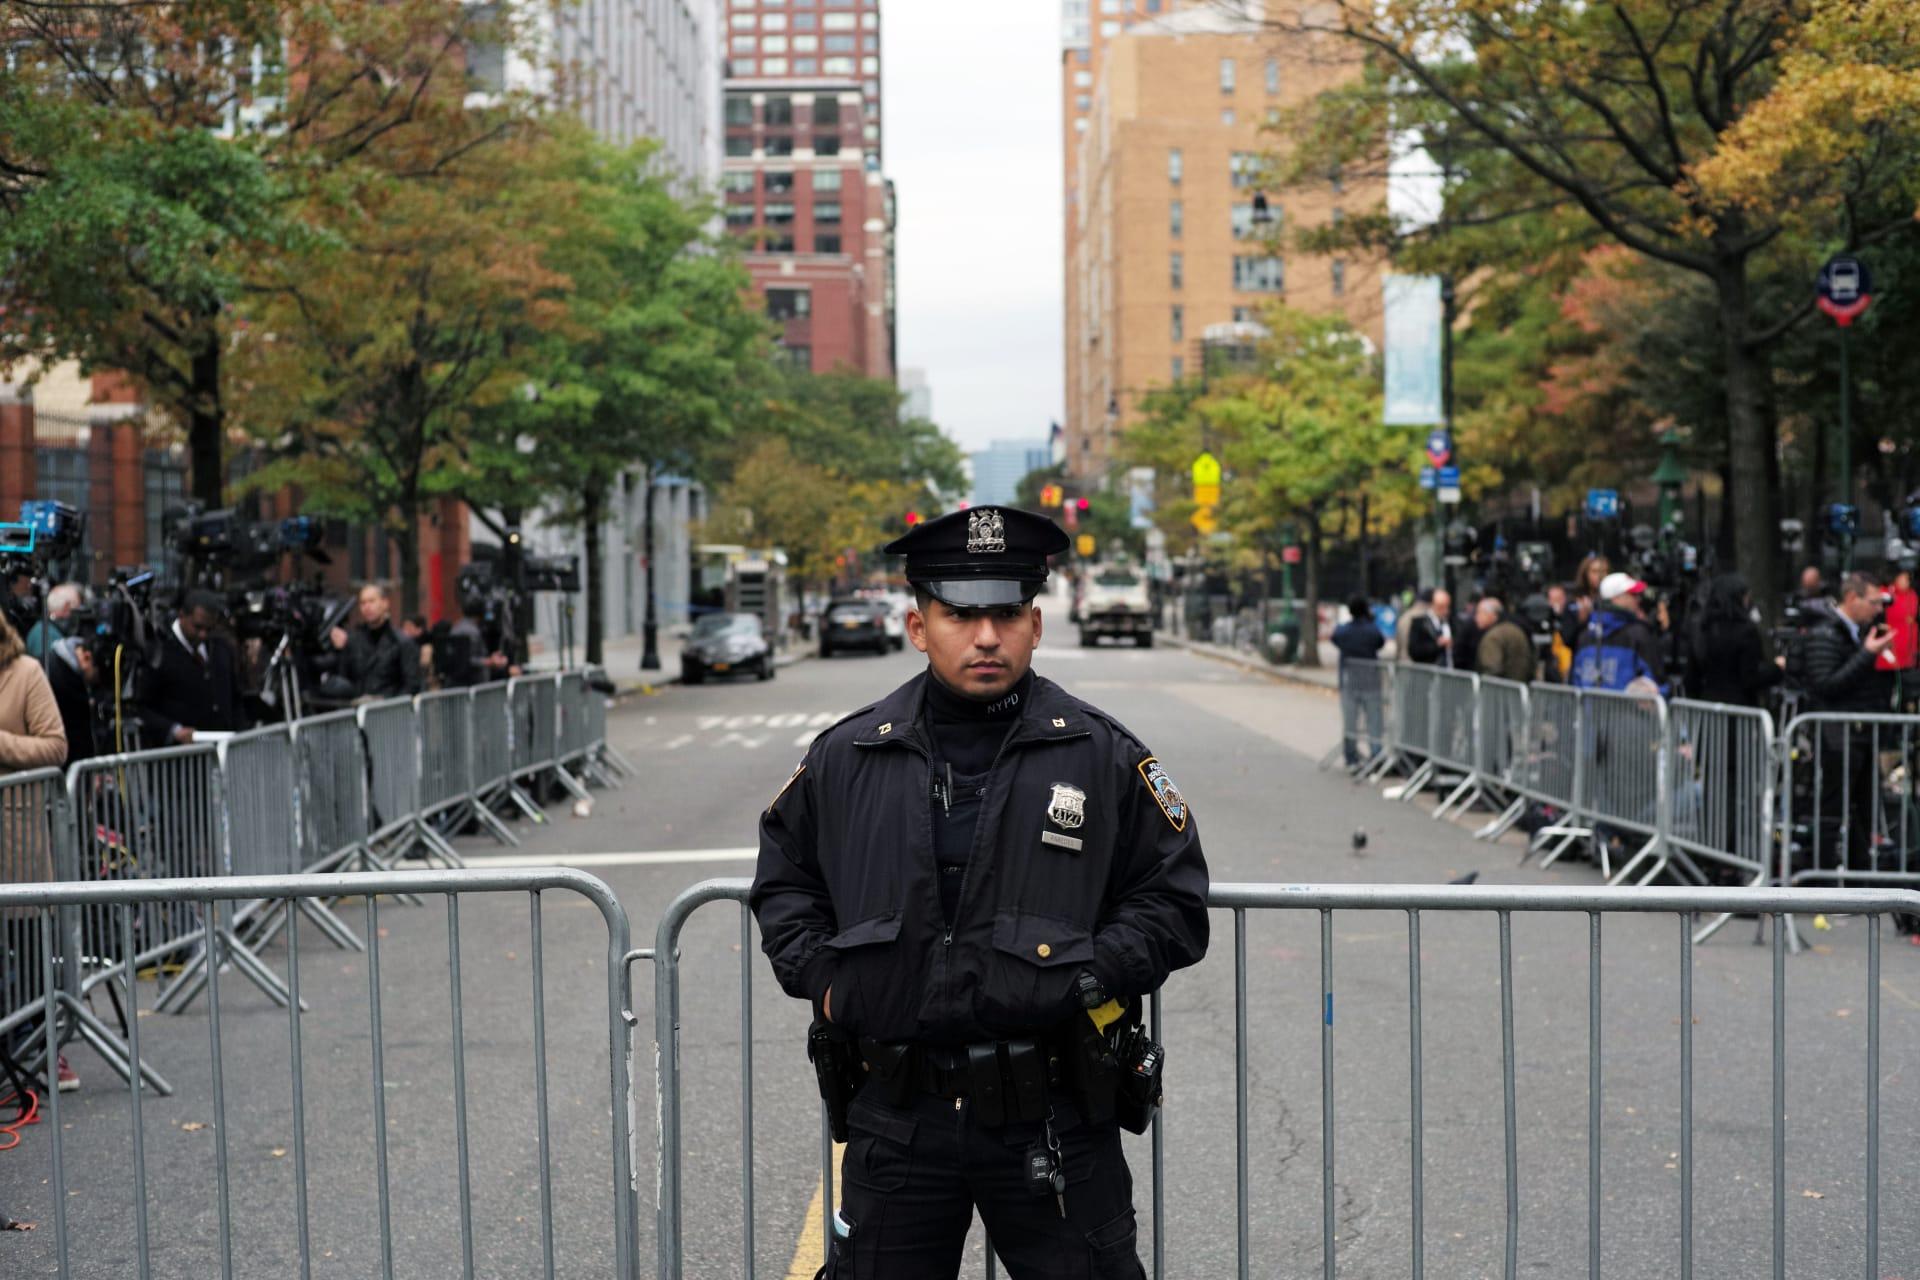 منفذ هجوم نيويورك خطط لعمل أكبر وفكّر برفع علم داعش على شاحنته